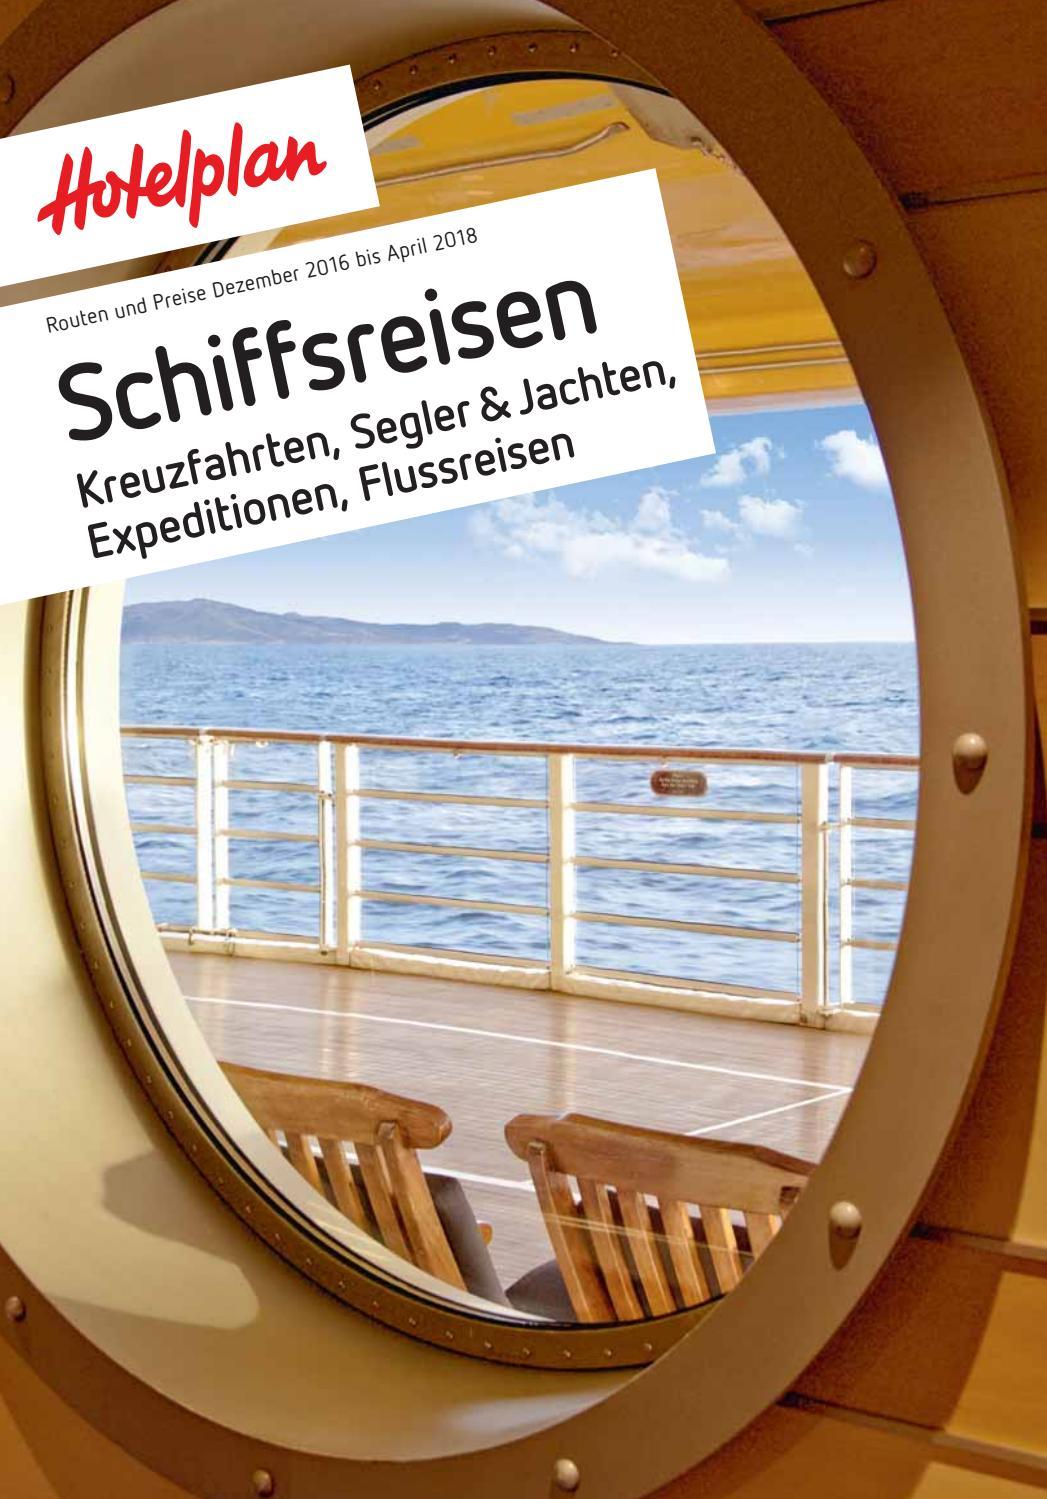 Preise Und Routen Hotelplan Schiffsreisen Von Dezember 2016 Bis April 2018 By Hotelplan Suisse Mtch Ag Issuu